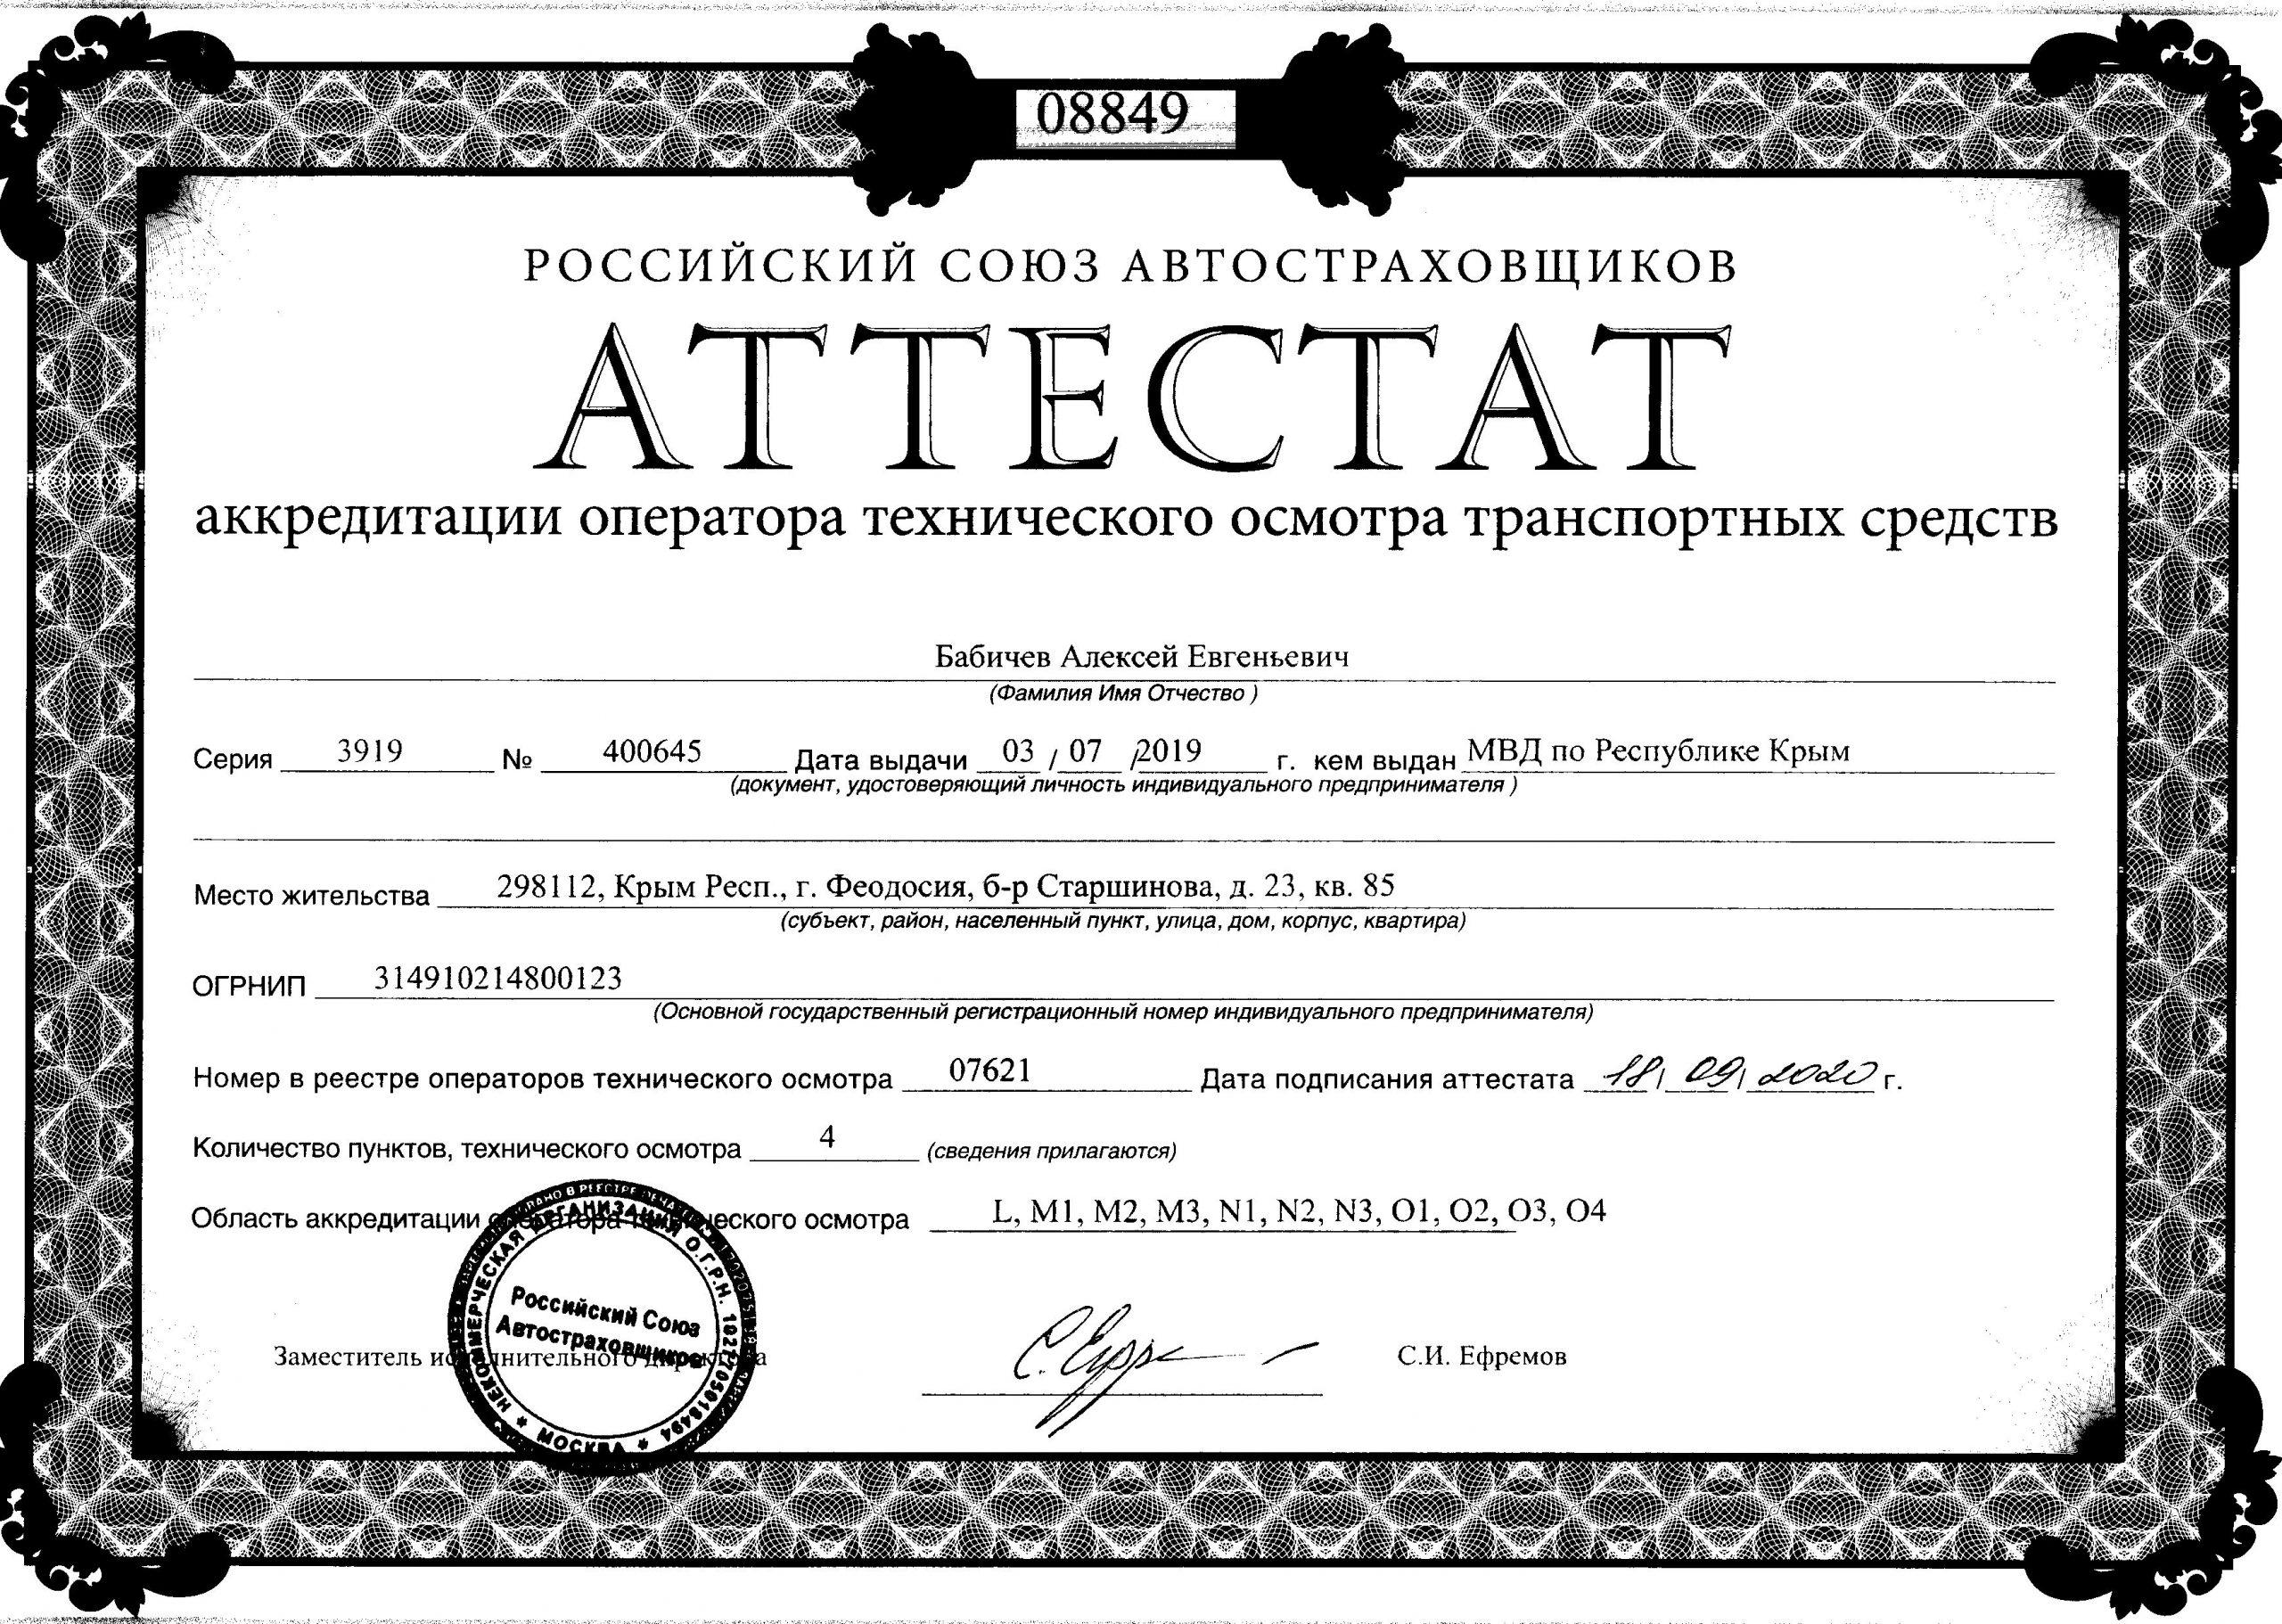 Аккредитованный оператор технического осмотра транспортных средств Бабичев Алексей Евгеньевич